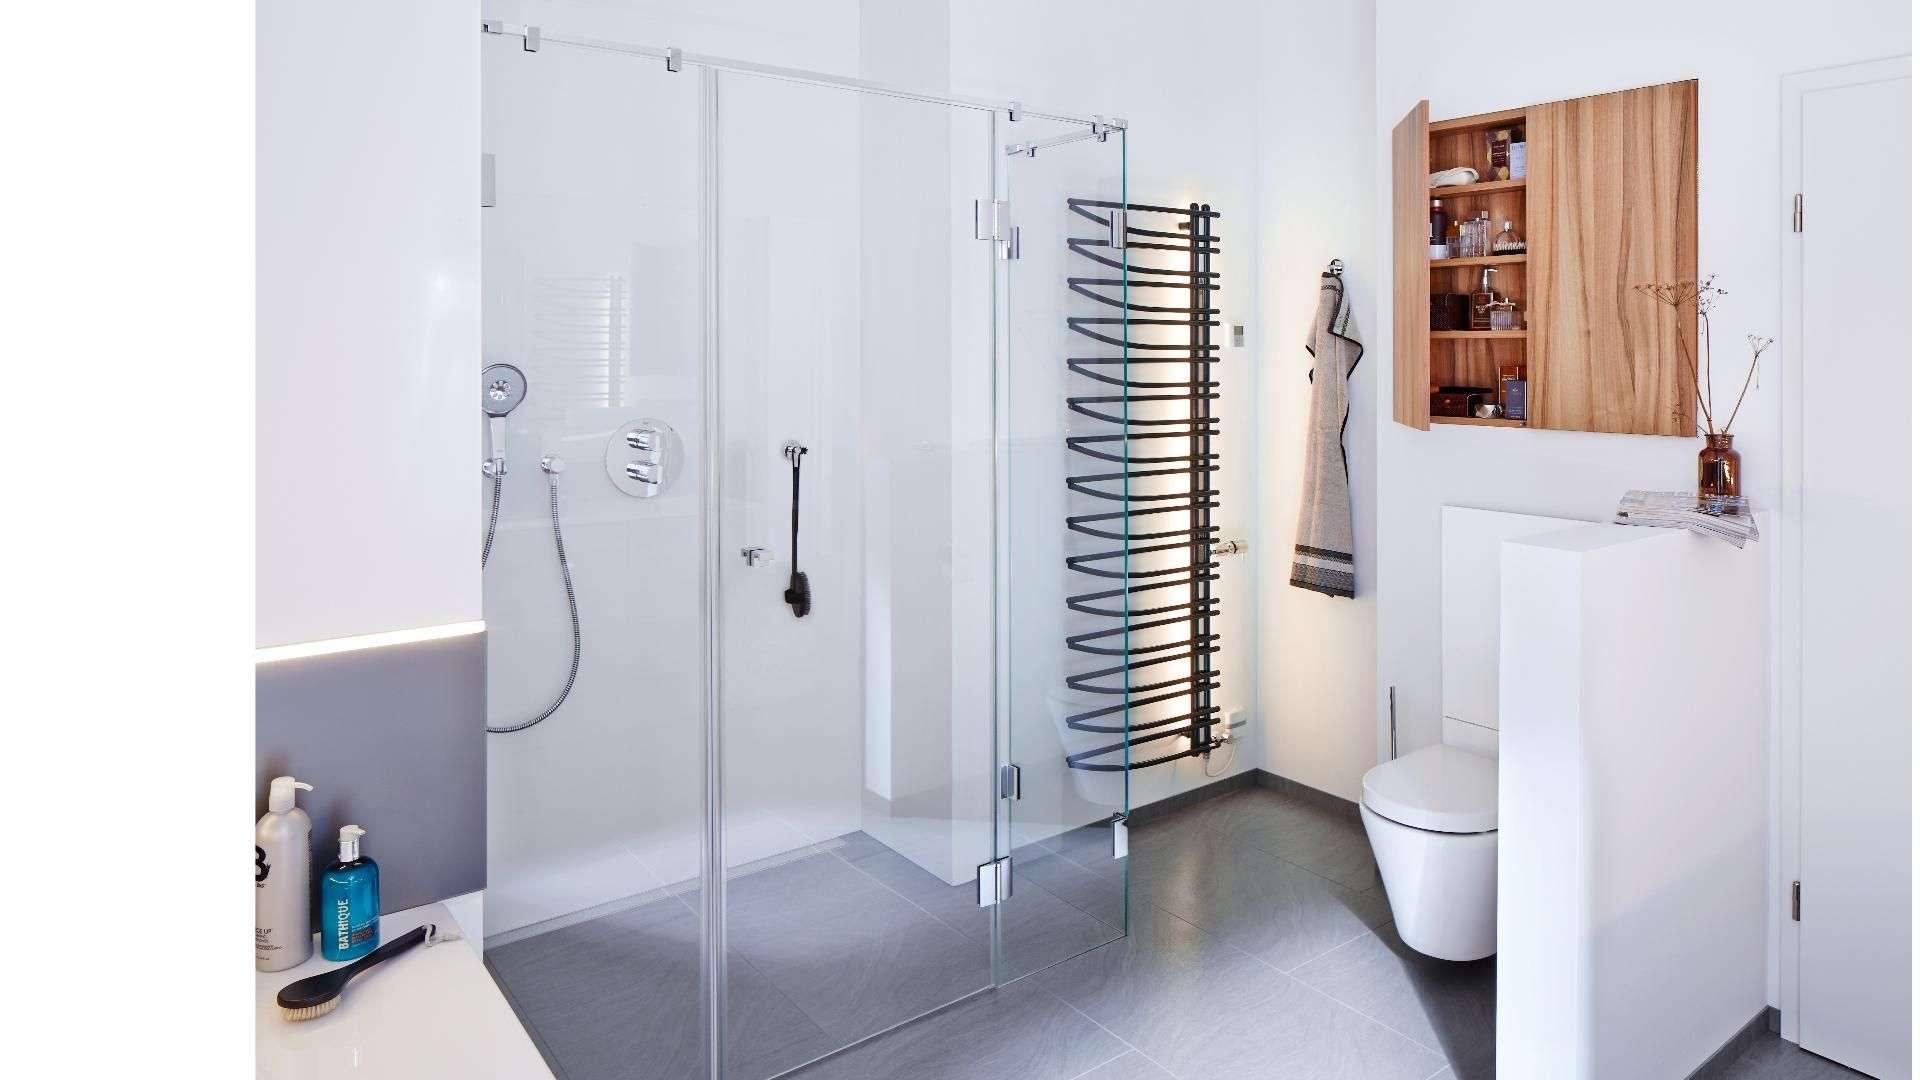 Dusche mit Glaswänden in einem modernen Badezimmer